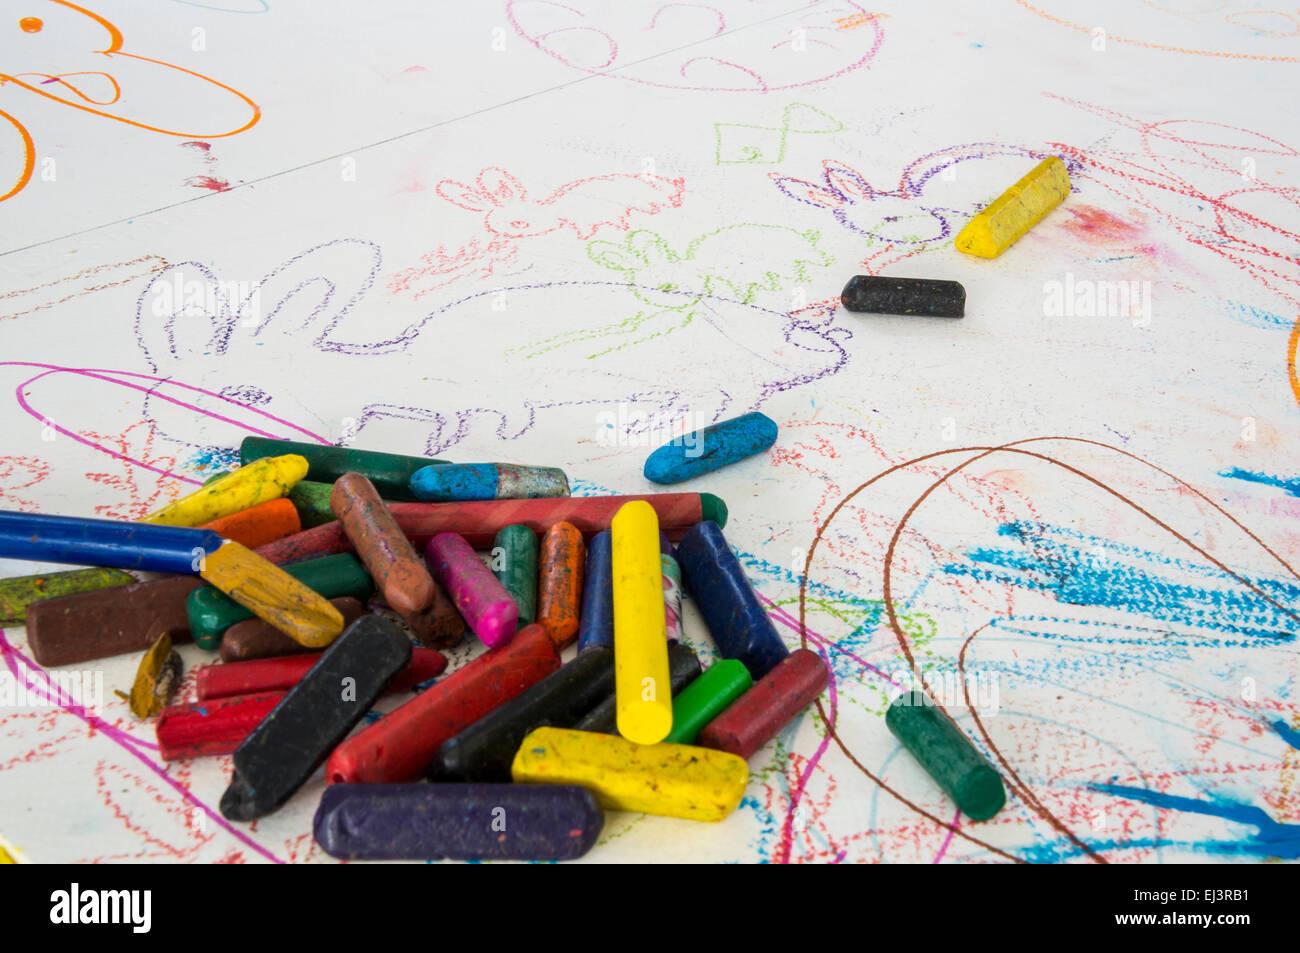 Dibujos Para Colorear Los Niños Niño Coloridos Crayola Paint